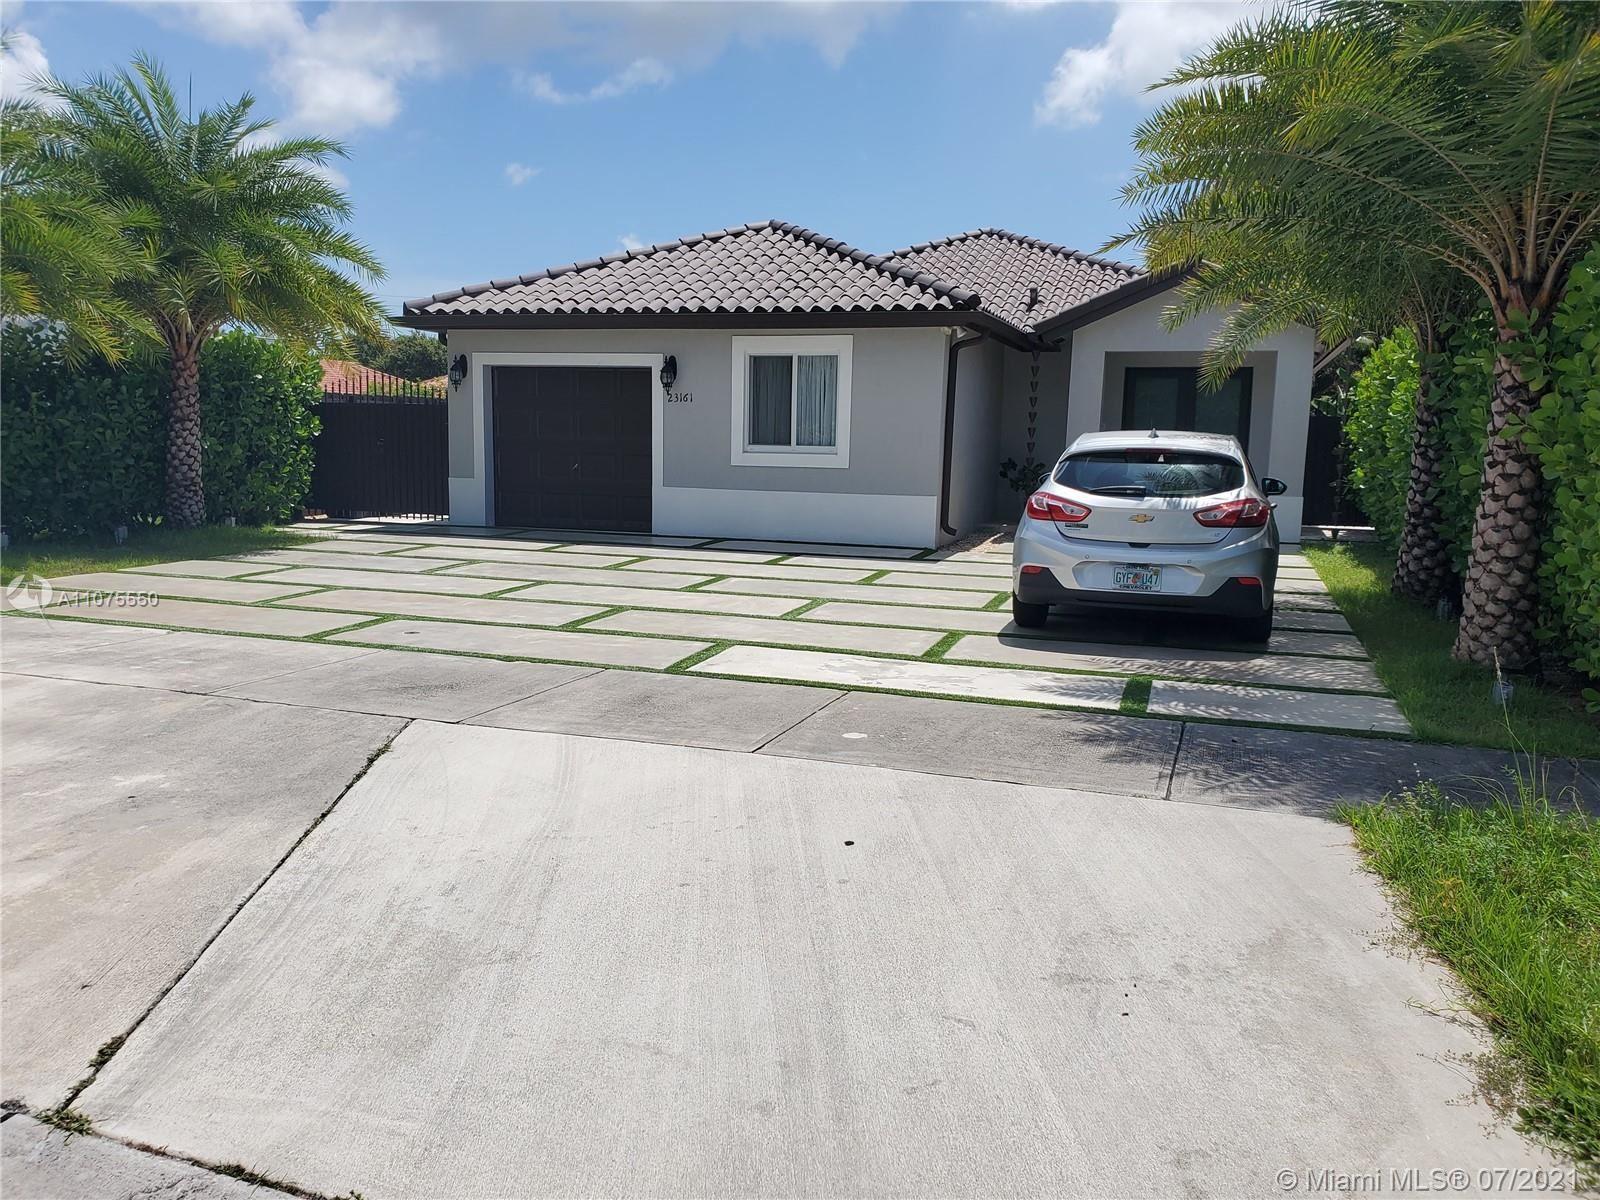 Photo of 23161 SW 124th Ct, Miami, FL 33170 (MLS # A11075550)